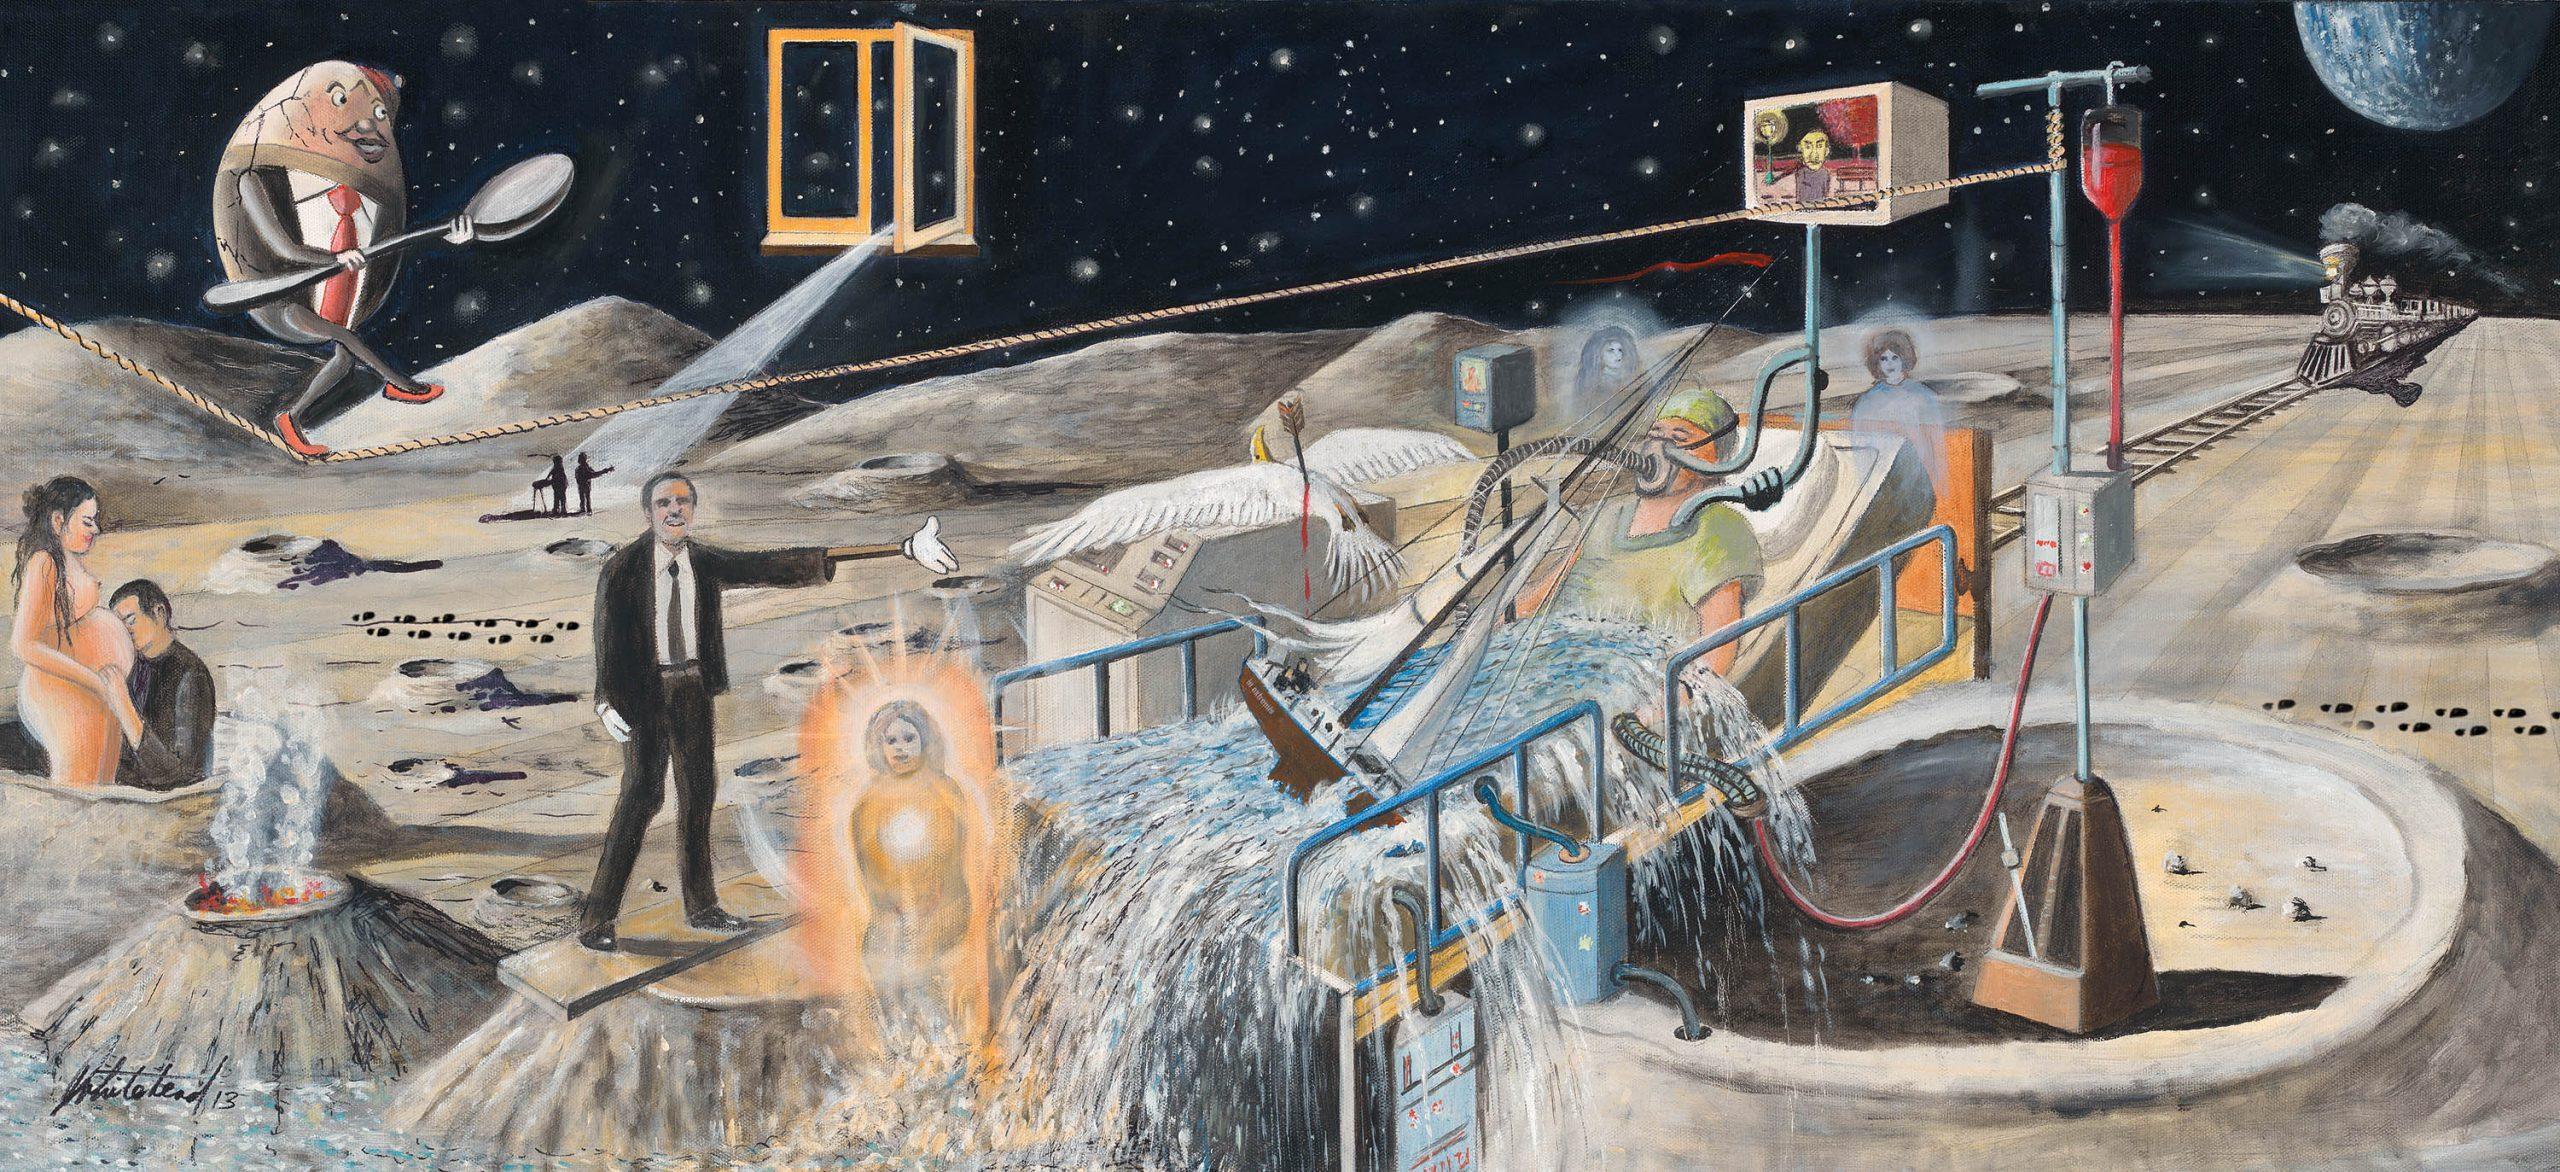 In Extremis album cover